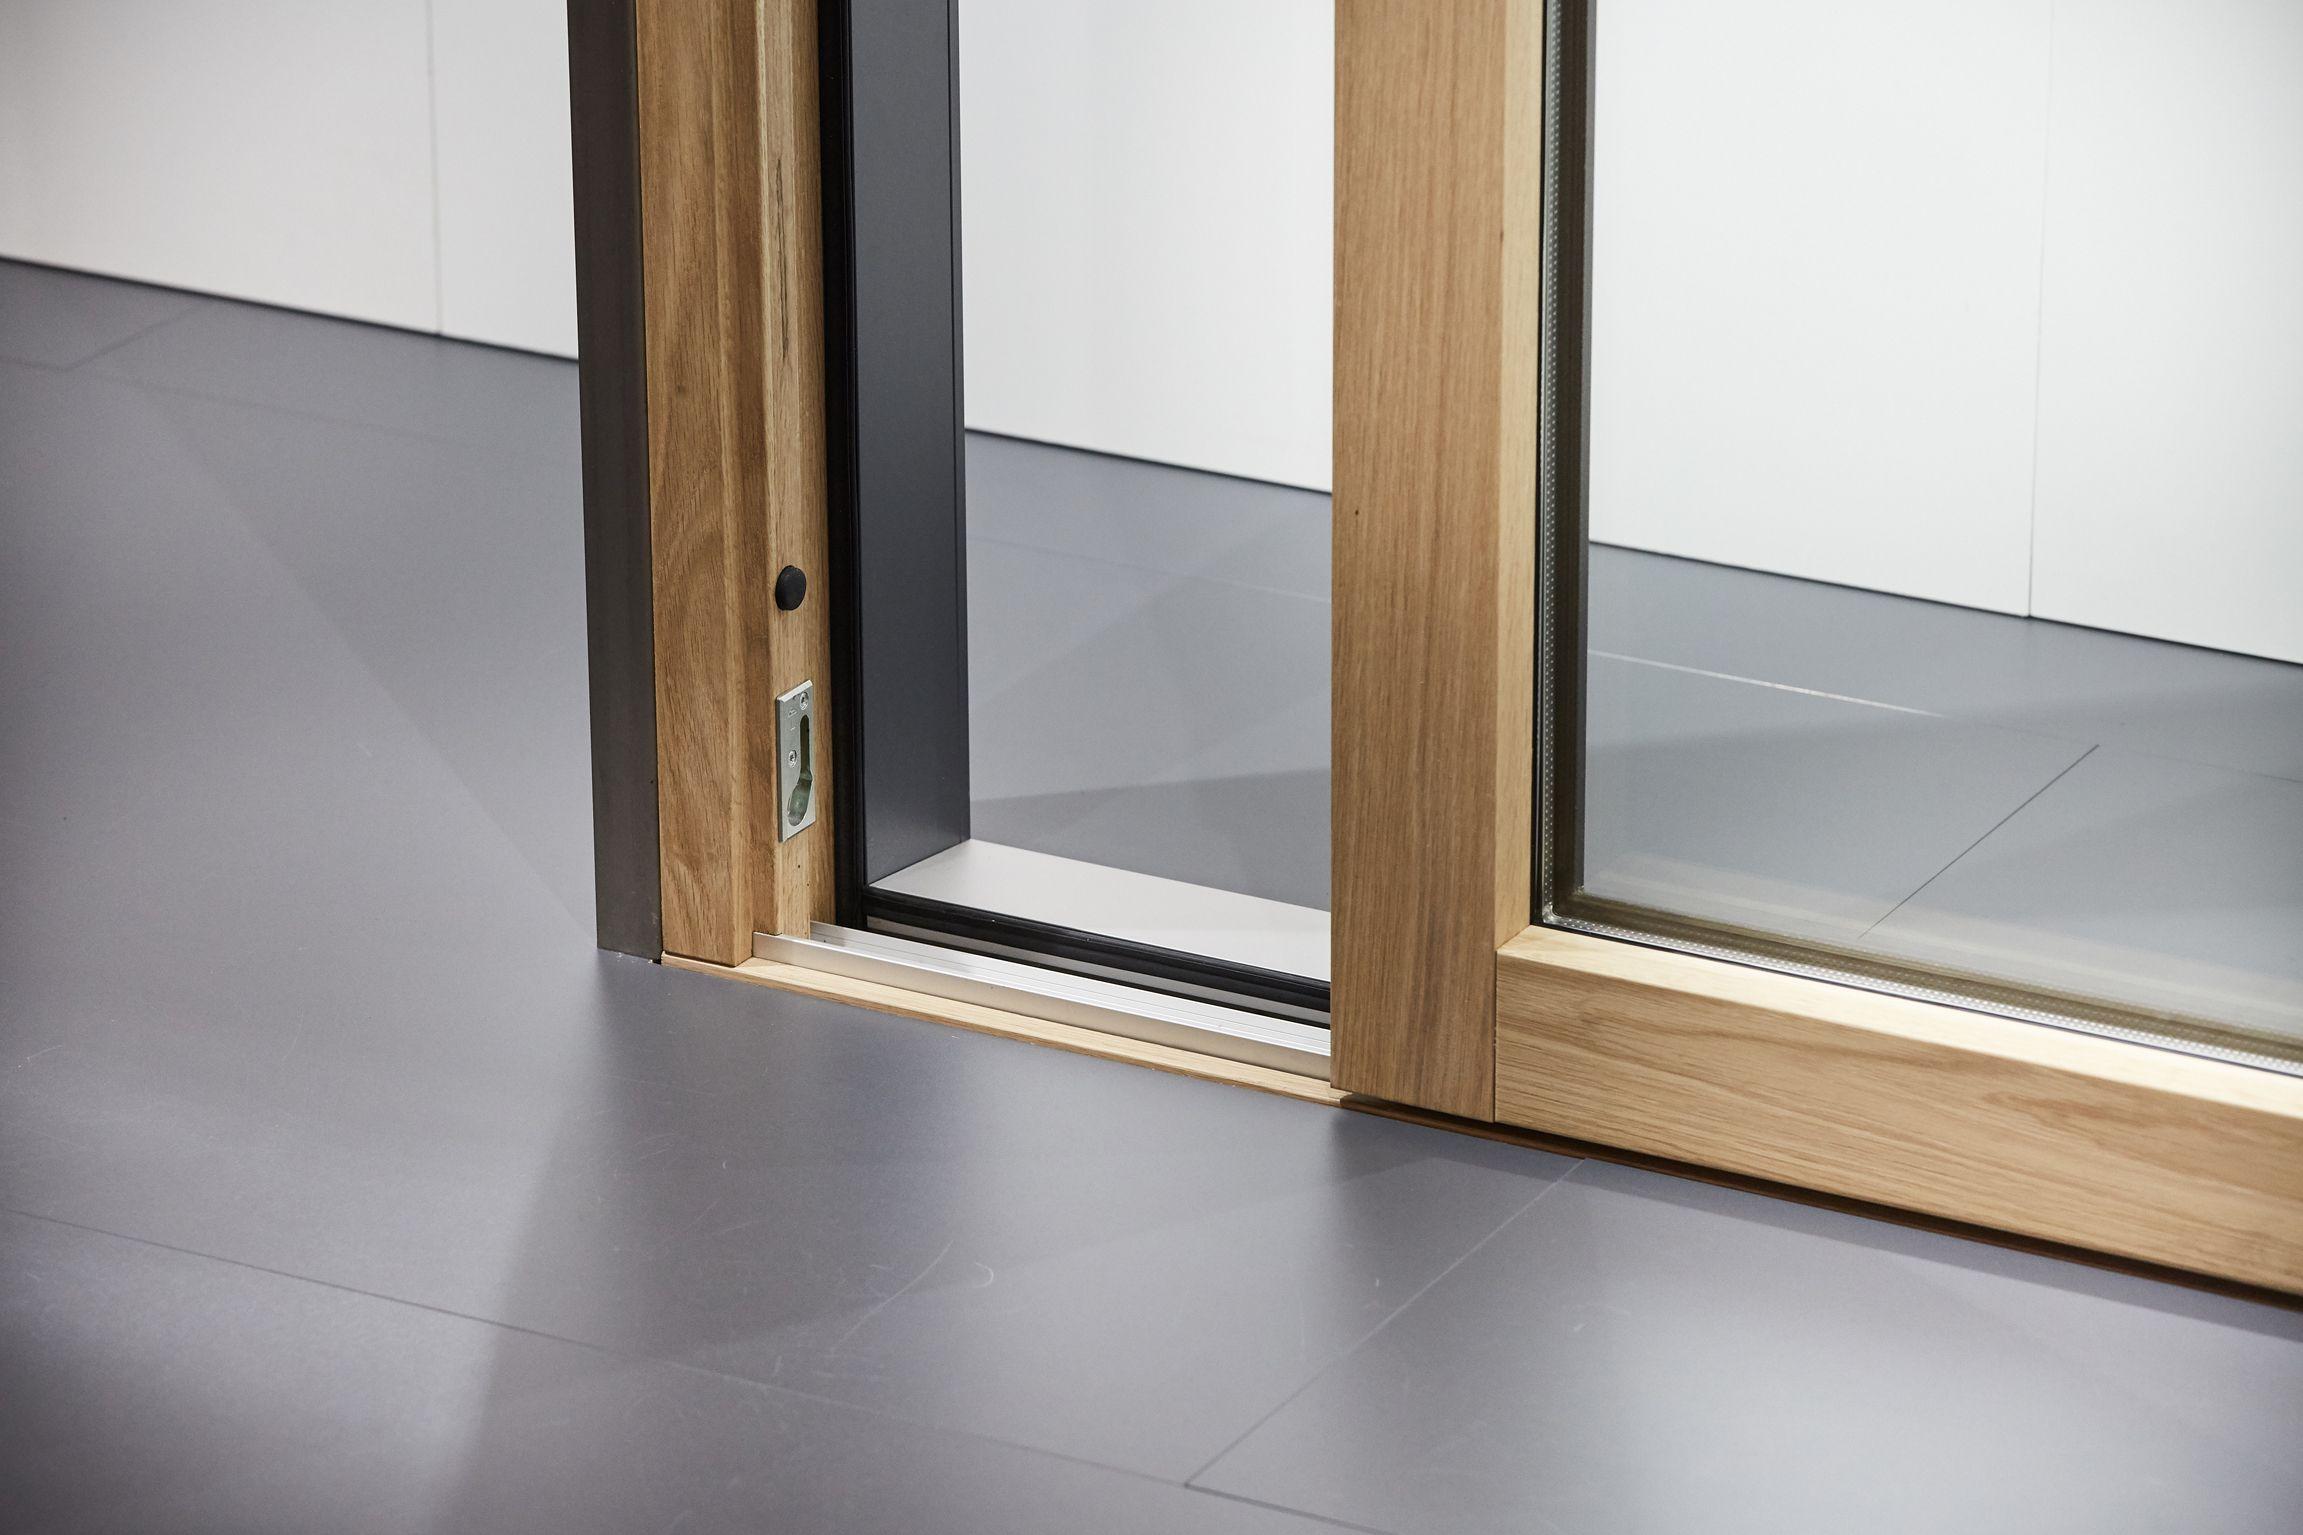 Roto Patio Inowa Schiebefenster Und Turen In Holz Aluminium Bauweise Fenster Holz Aluminium Fenster Schiebefenster